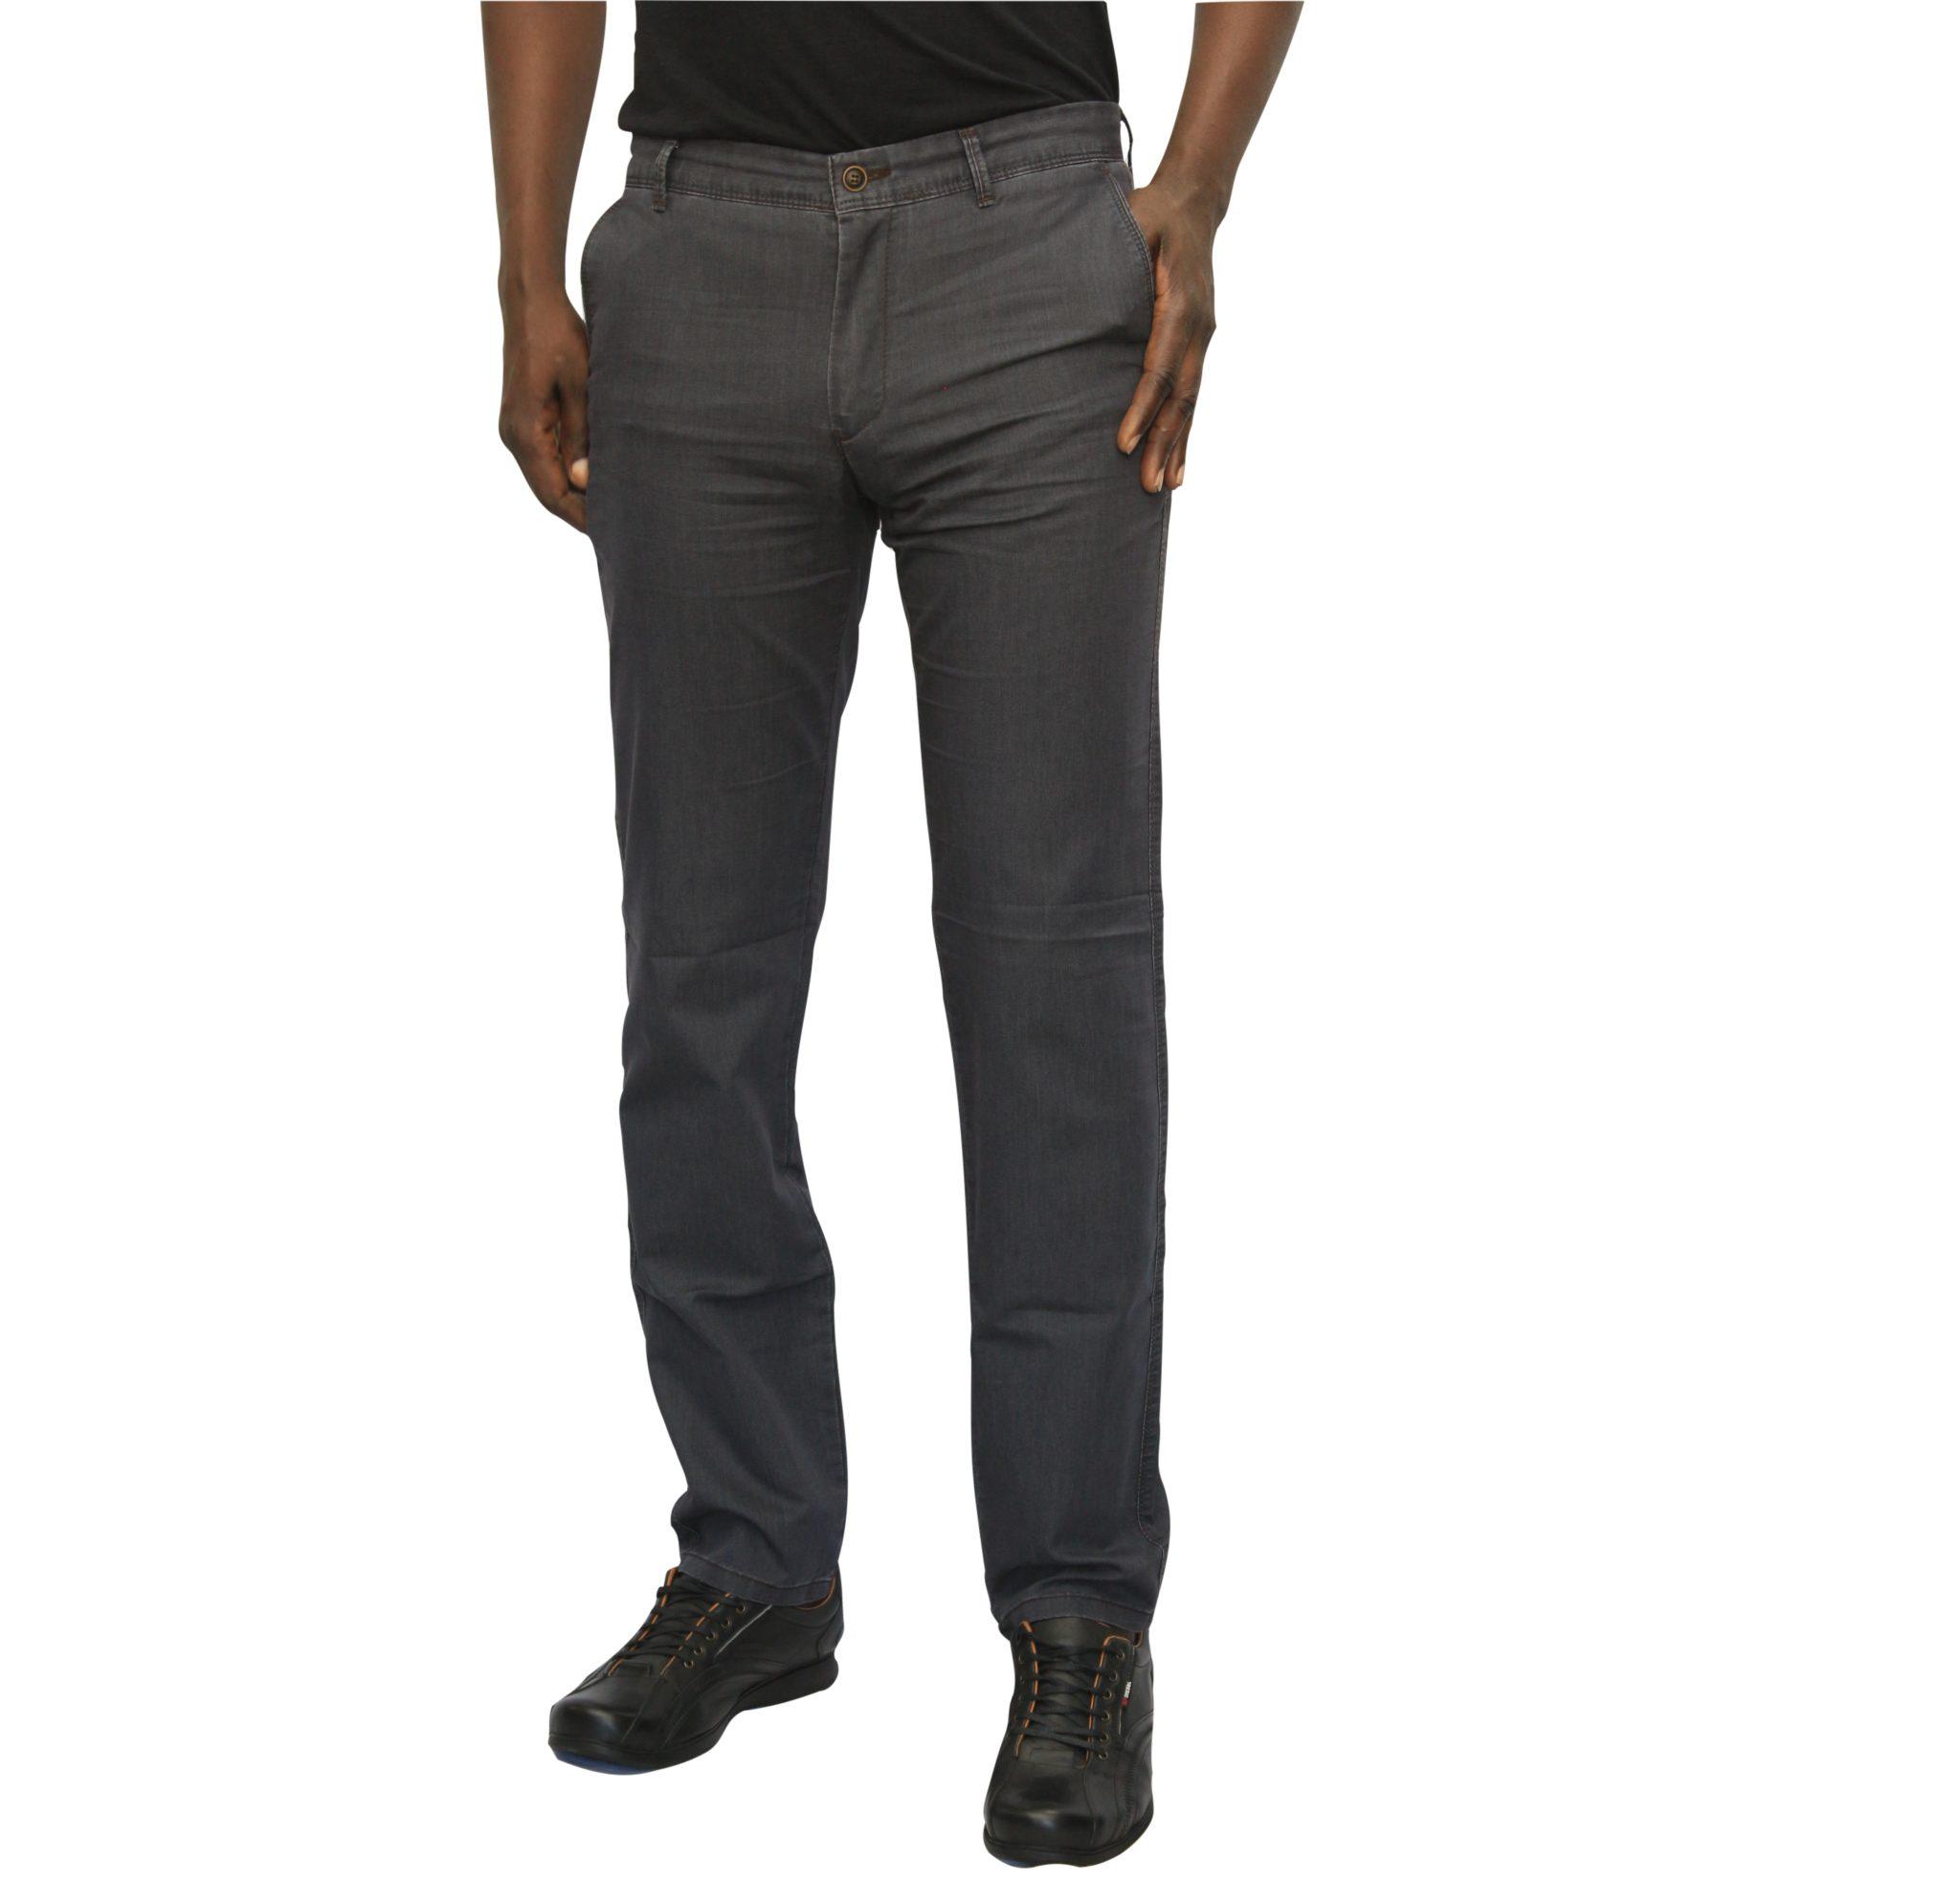 Pantalon jeans 020